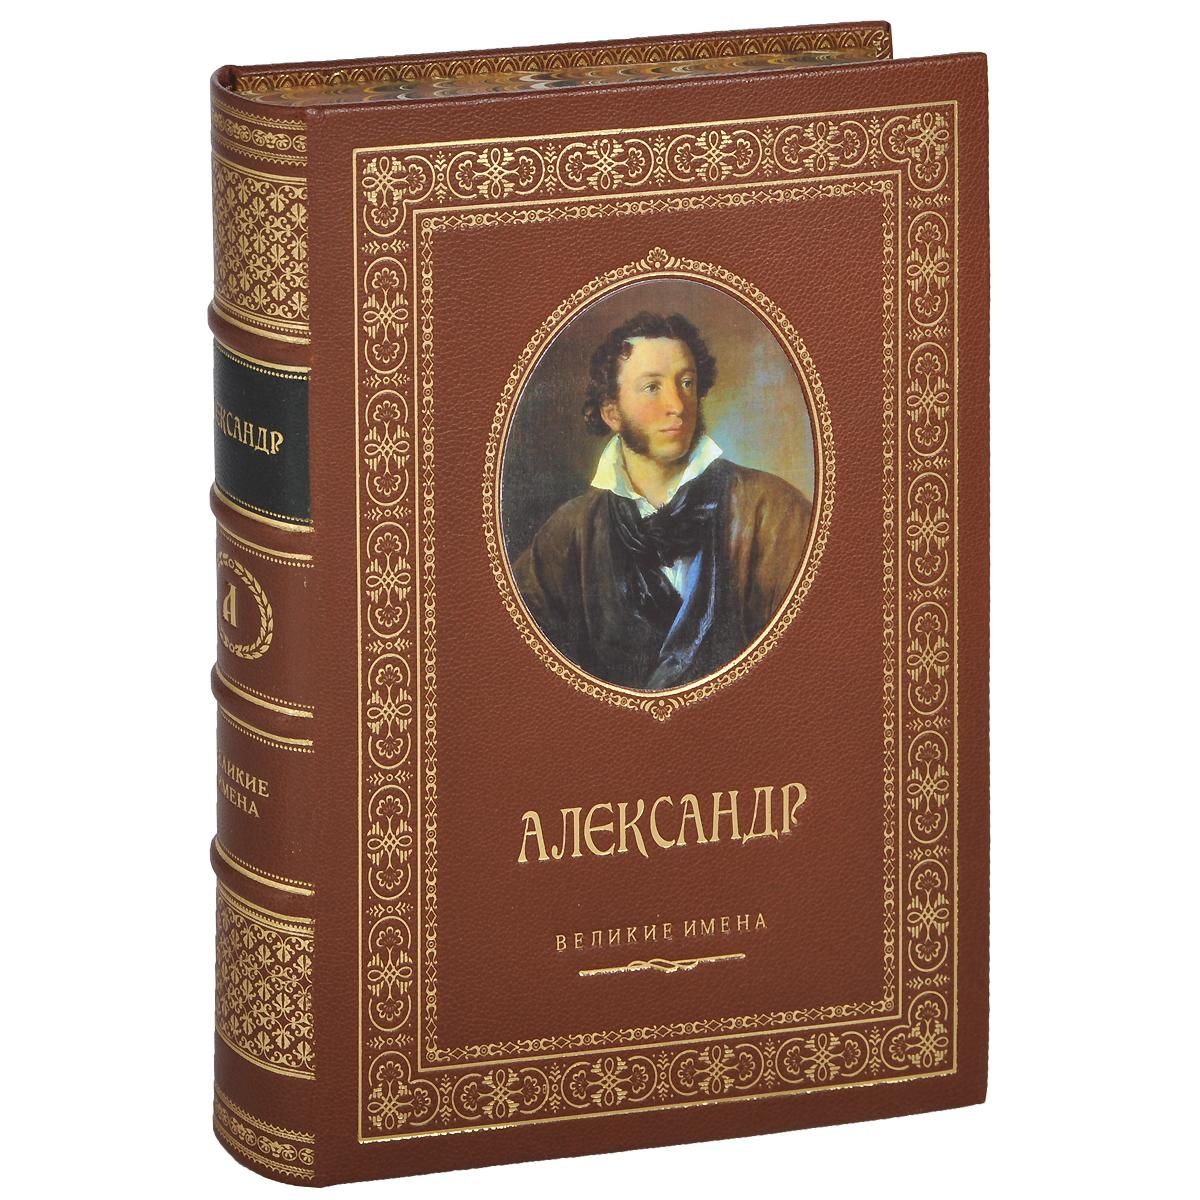 Александр. Именная книга (эксклюзивное подарочное издание)